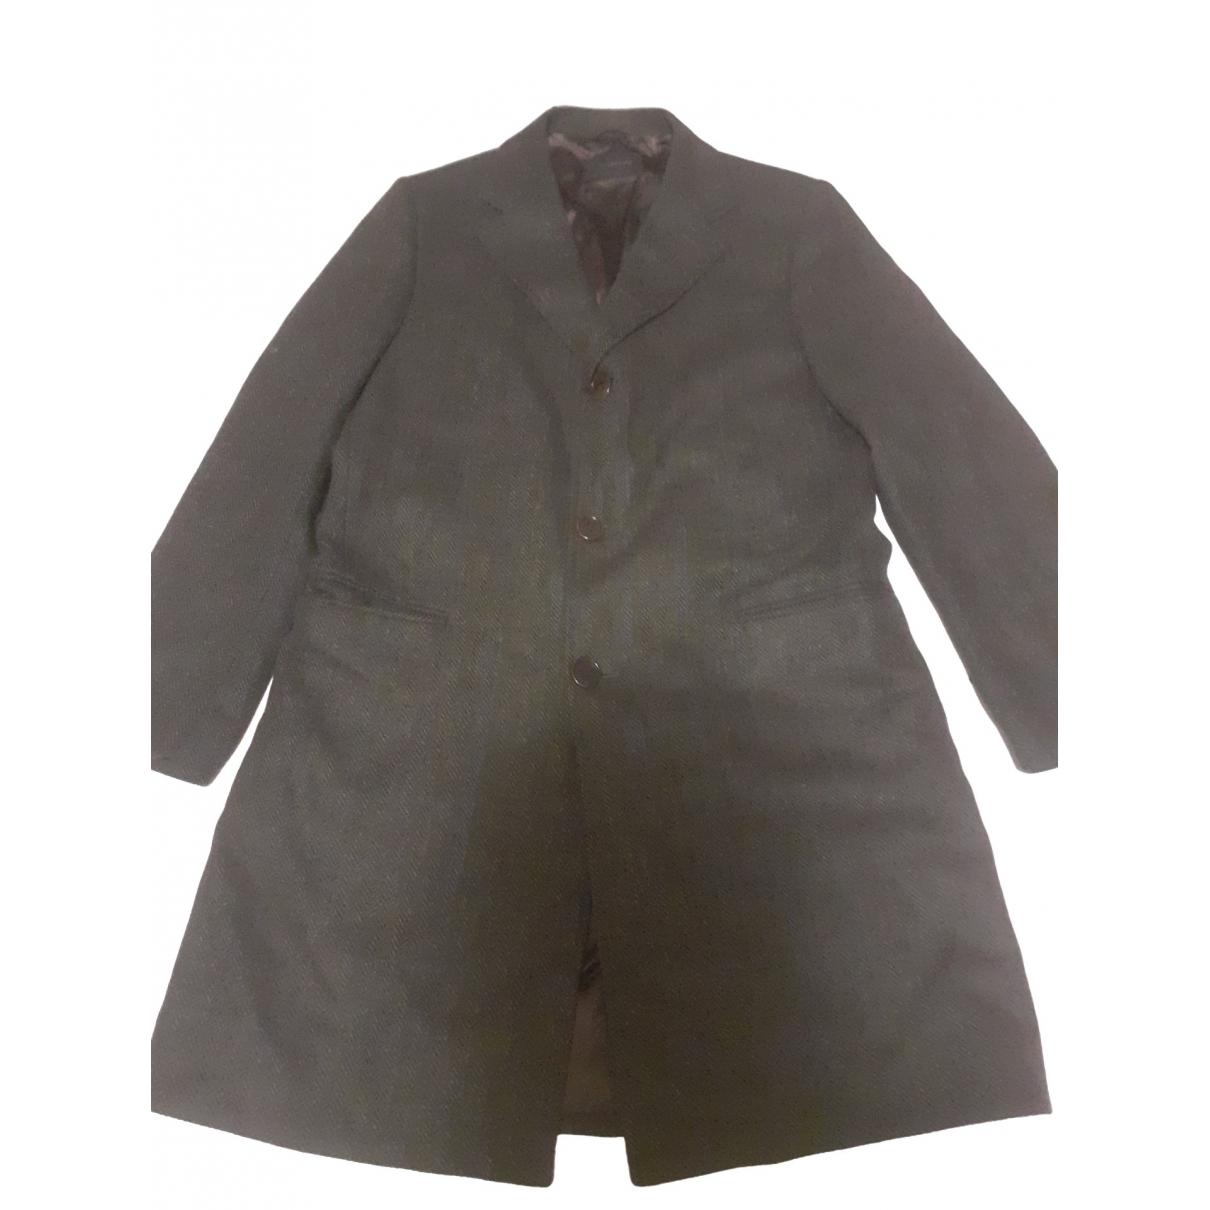 Tombolini - Manteau   pour homme en laine - vert